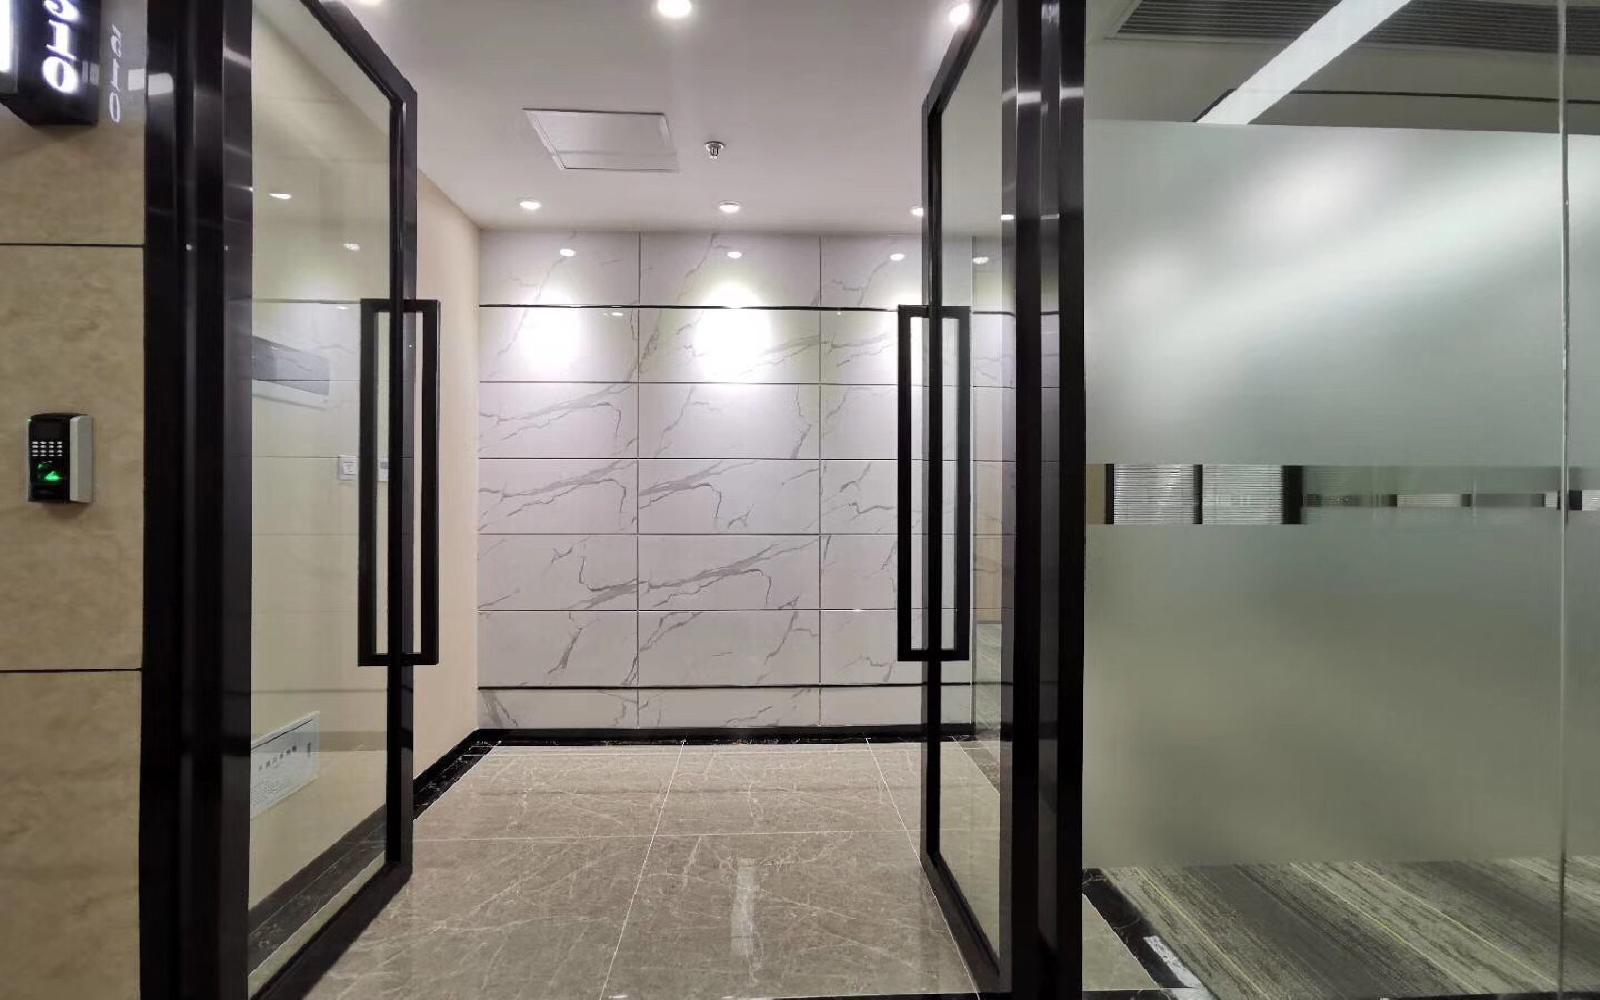 南山-科技园 中电照明大厦 144m²